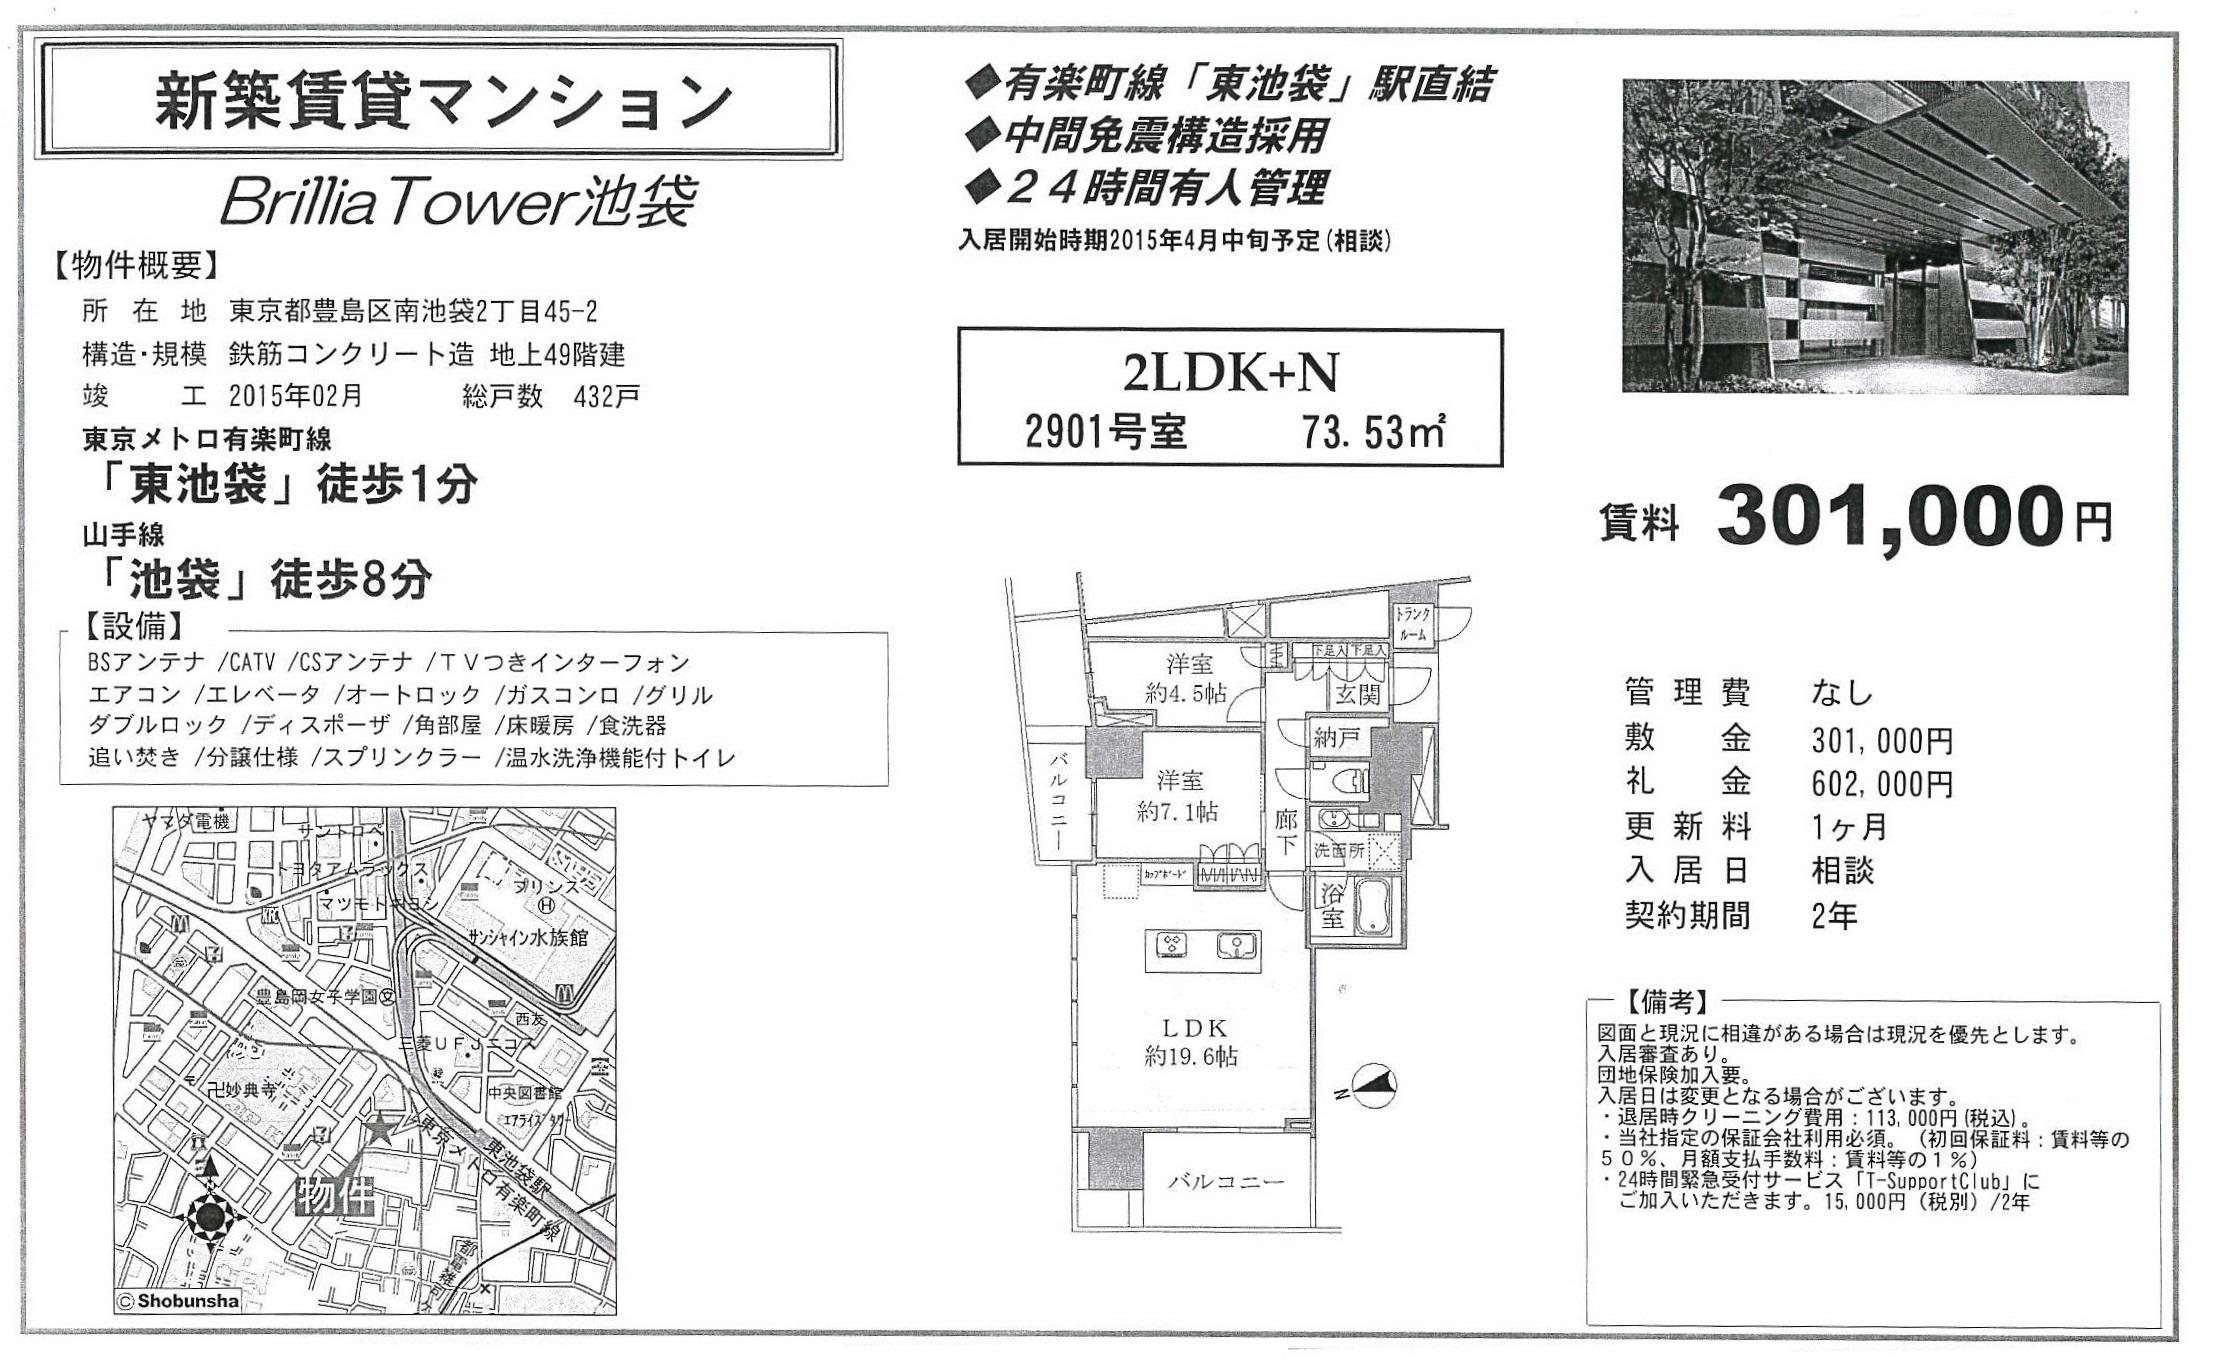 ブリリアタワー池袋図面2901号室